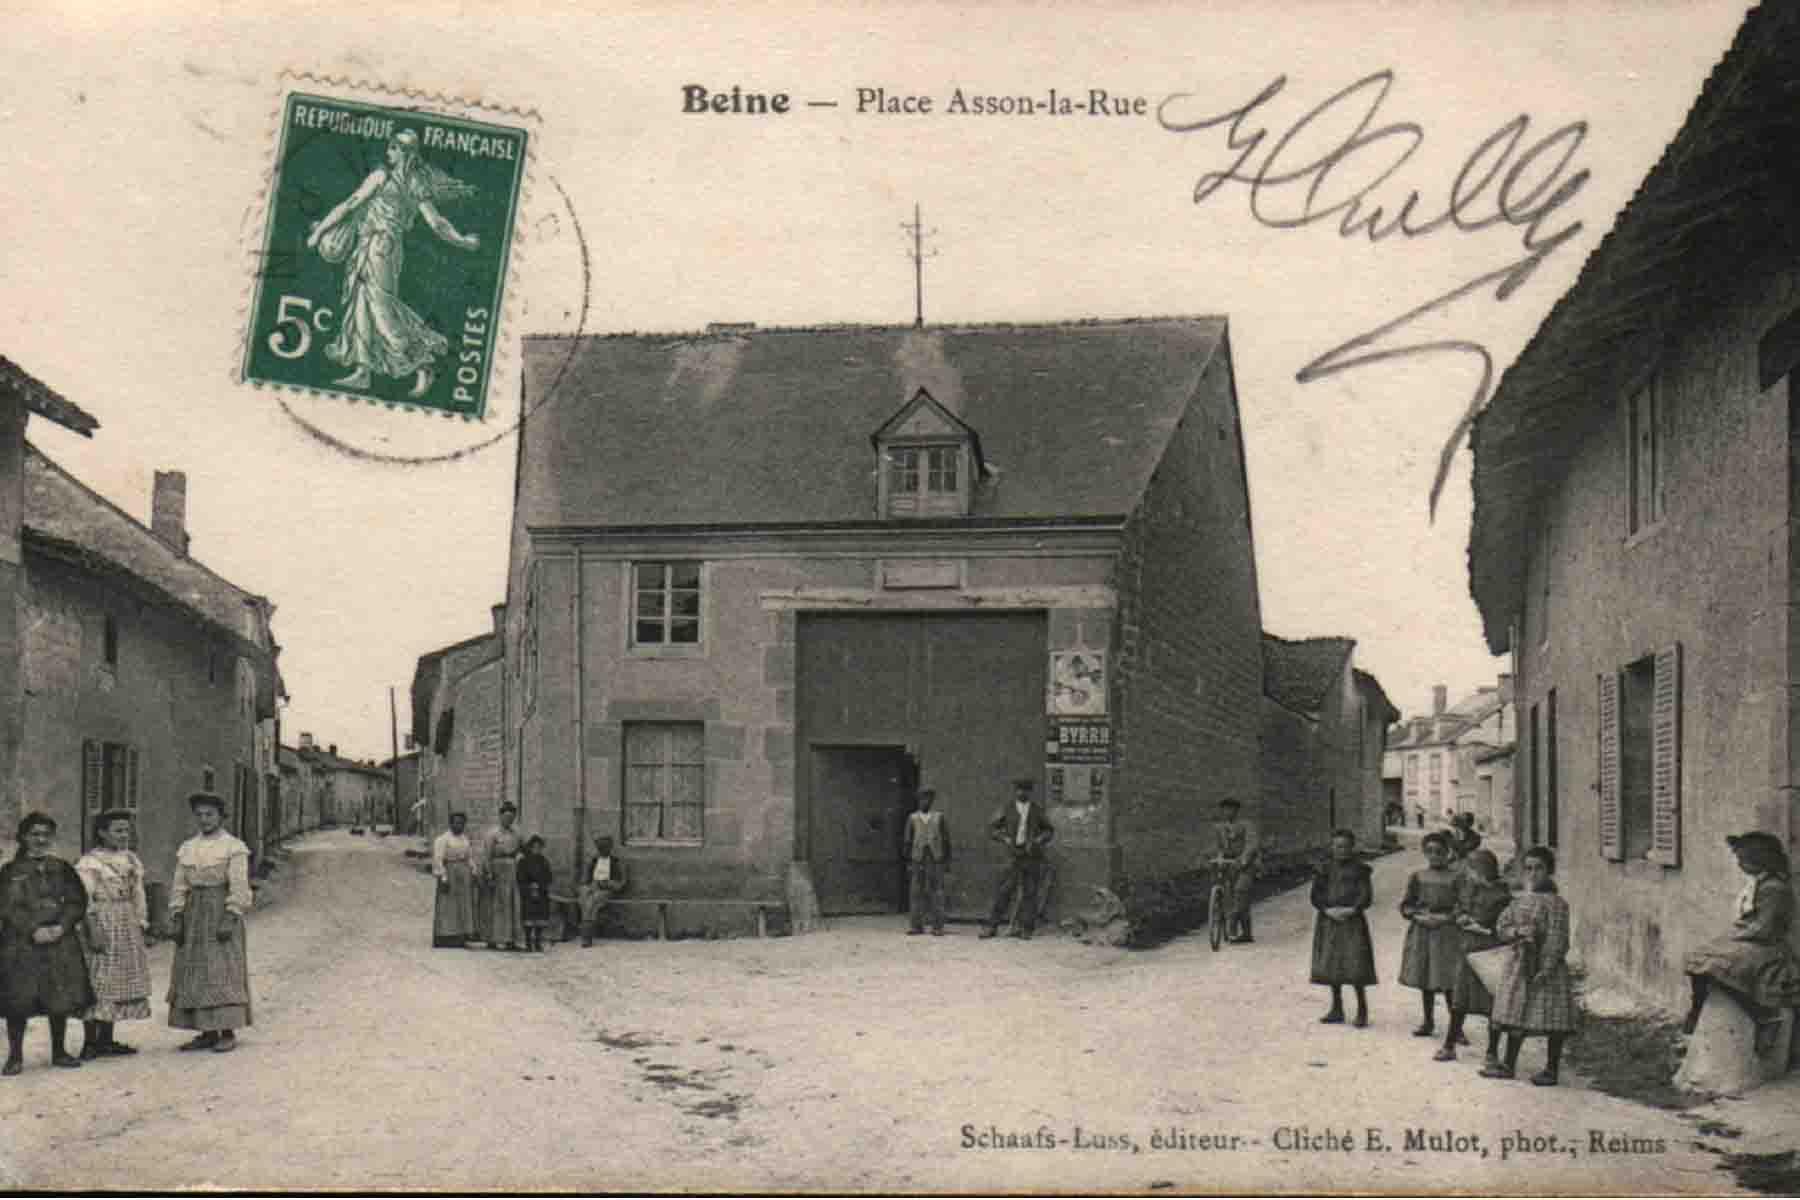 Beine_Place_Asson_la_rue